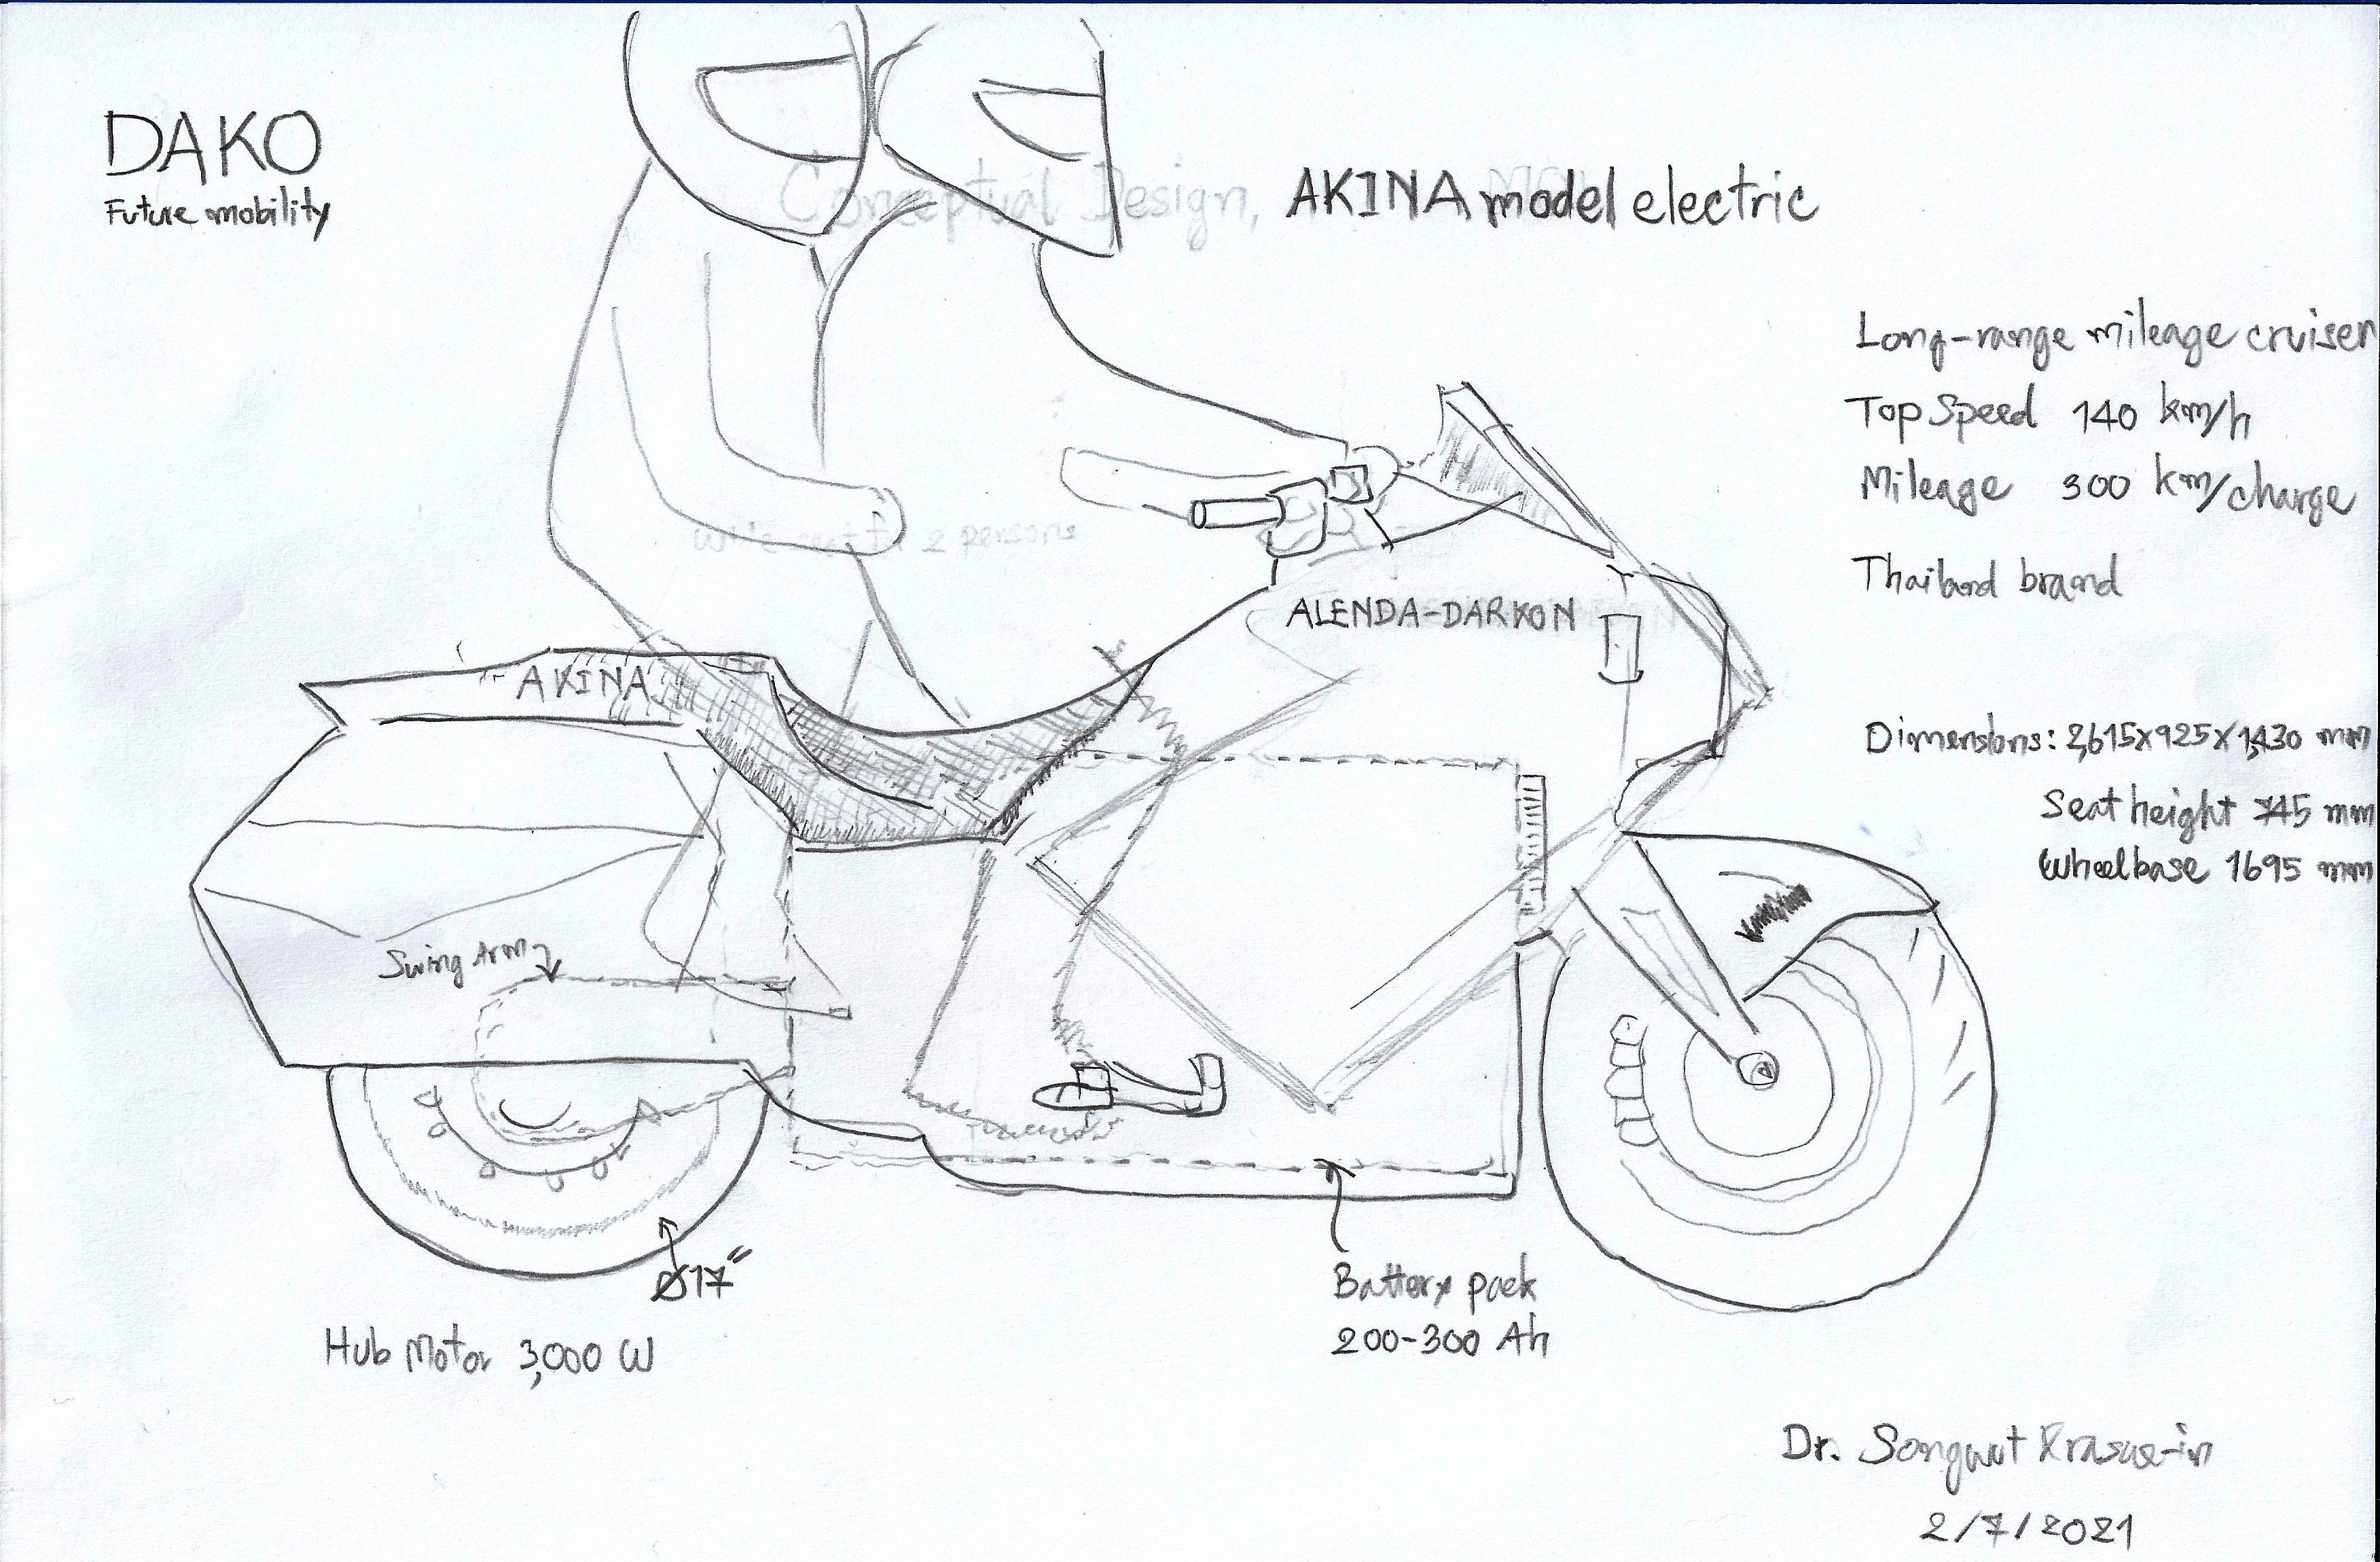 AKINA Concept บิ๊กไบค์ไฟฟ้า 4,000 วัตต์ 140 กม./ชม. 300 กม./ชาร์จ ต้นแบบเสร็จกลางปี 65